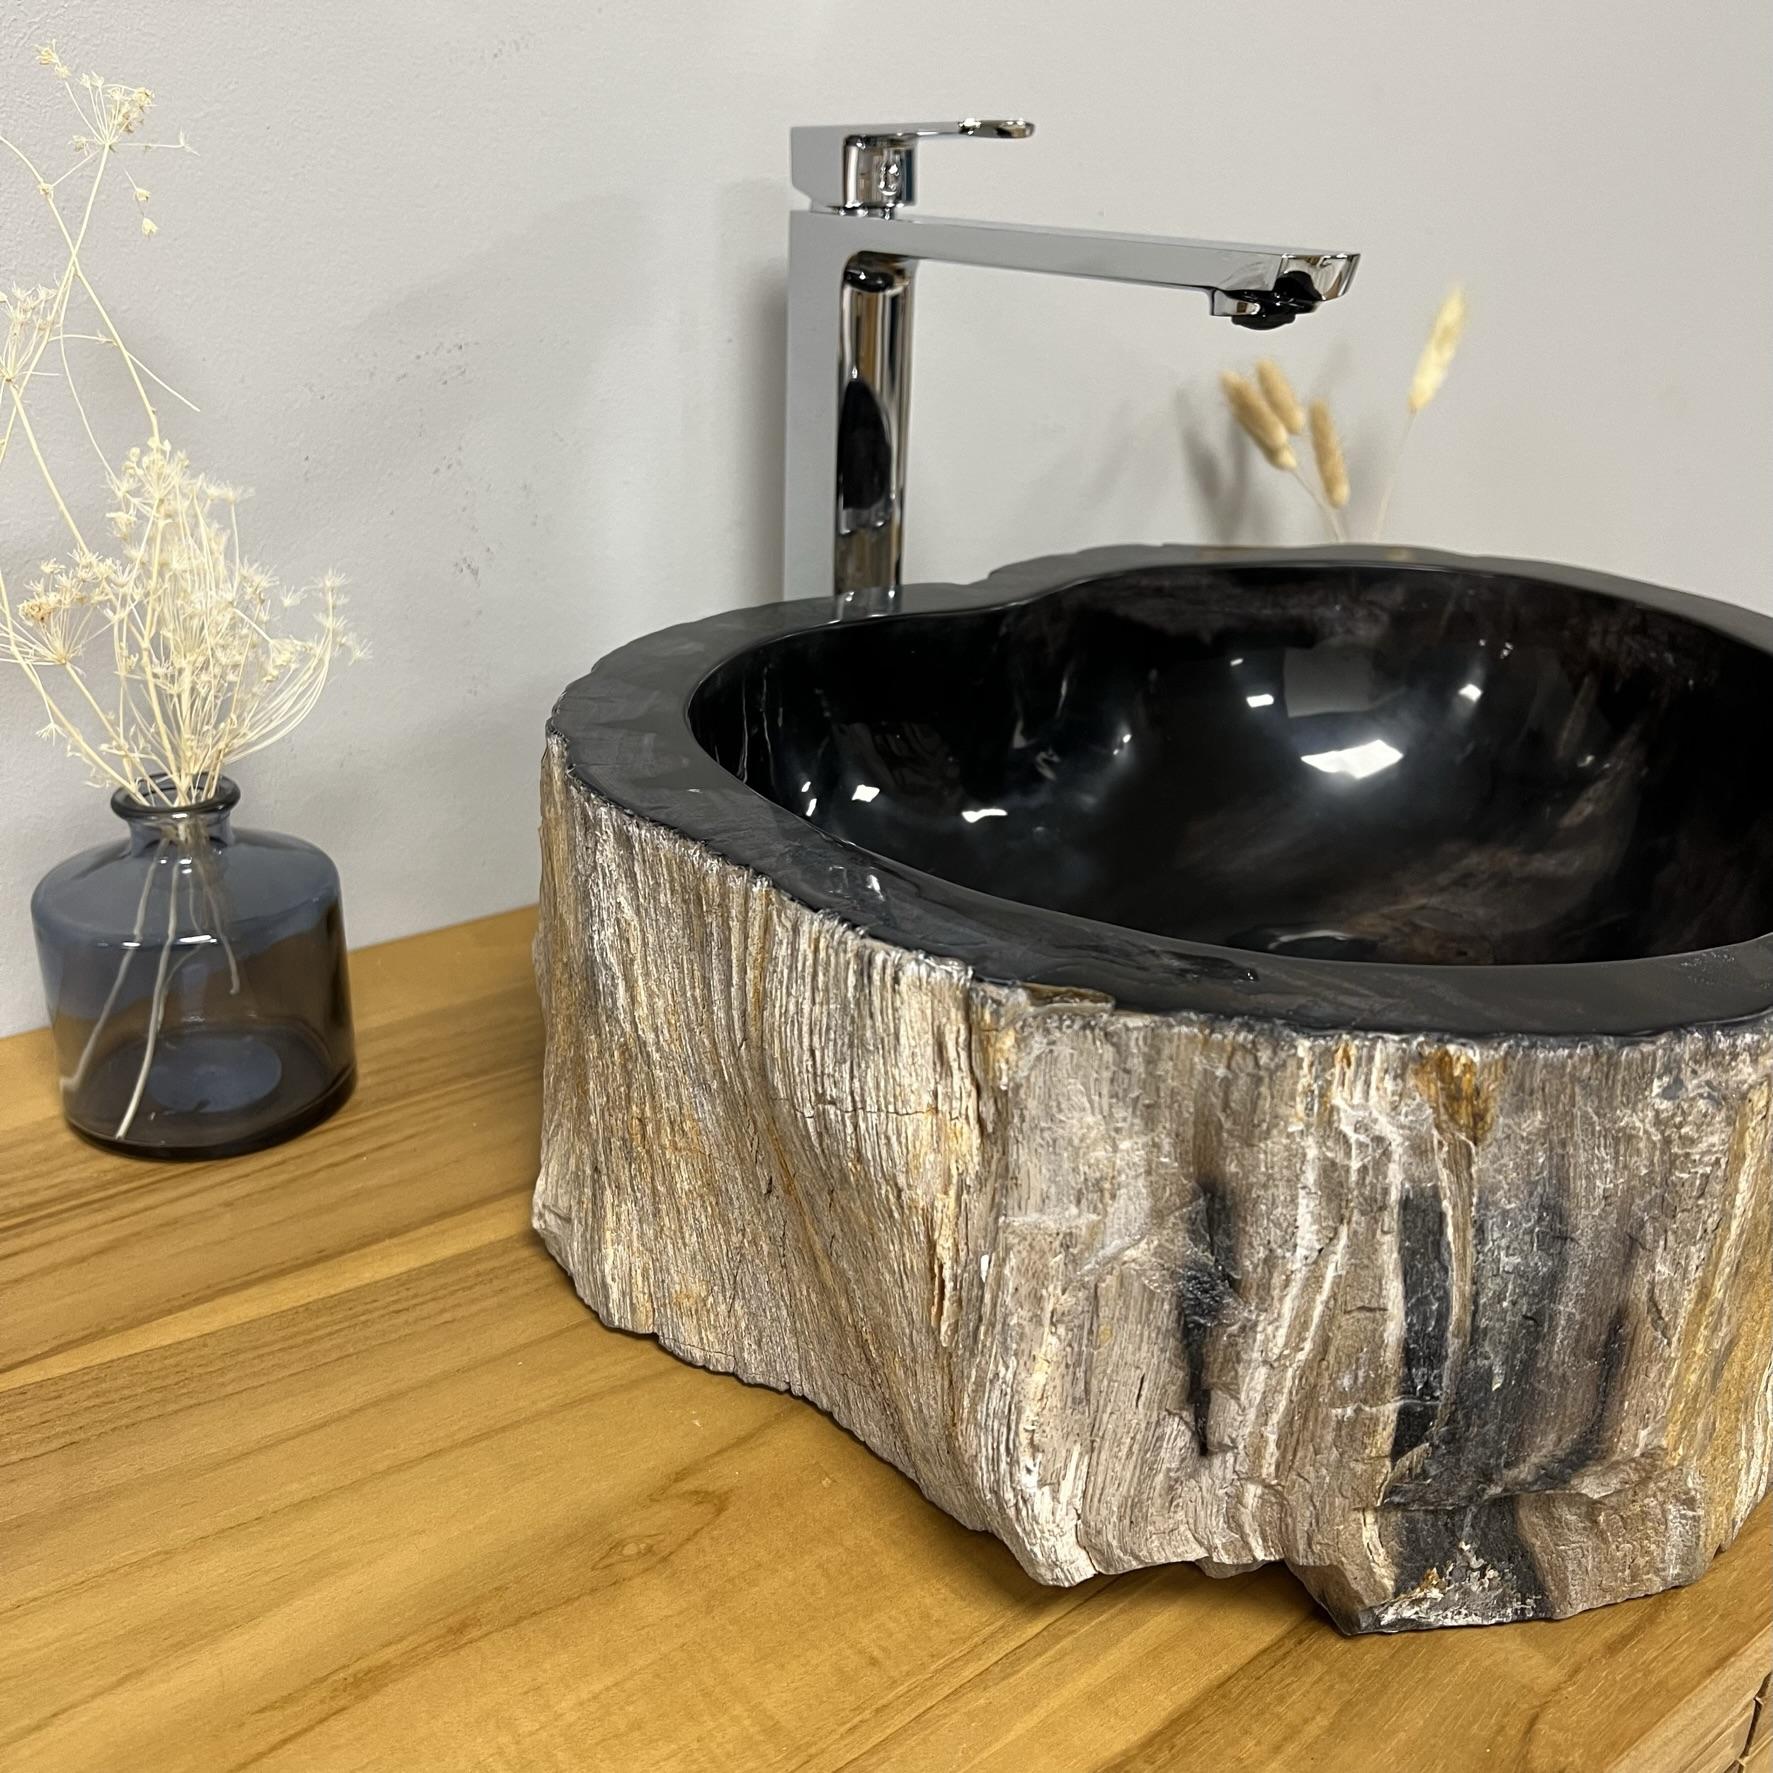 double vasques de salle de bain en bois p trifi fossilis l 41 cm. Black Bedroom Furniture Sets. Home Design Ideas